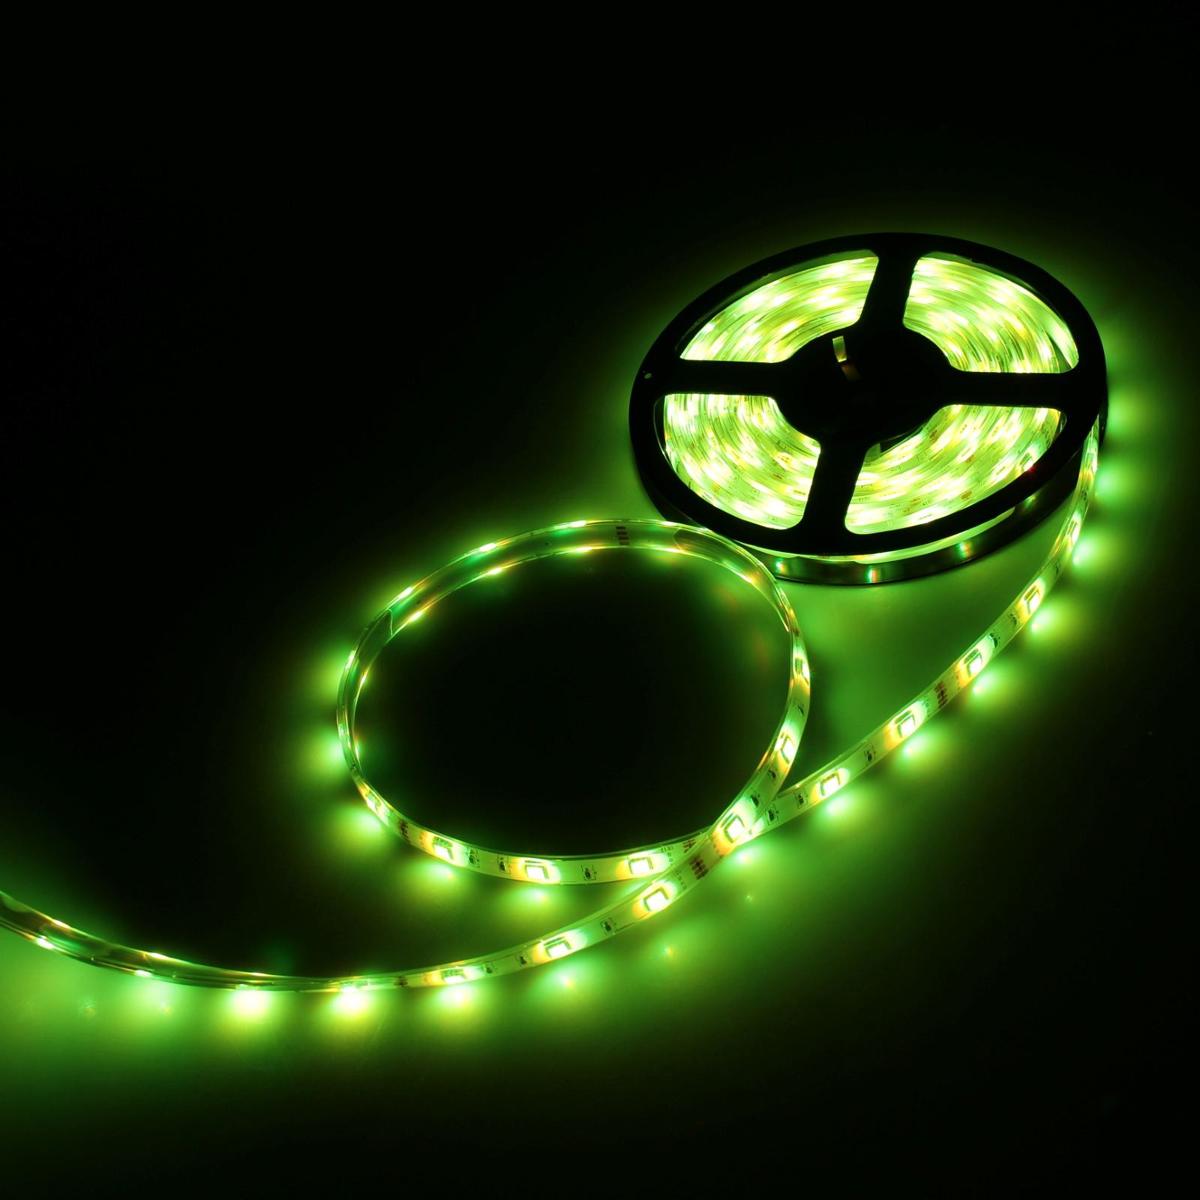 Светодиодная лента Luazon, 12В, SMD5050, длина 5 м, IP68, 30 LED ламп, 7.2 Вт/м, 14-16 Лм/1 LED, DC, цвет: желтый883932Светодиодные гирлянды, ленты и т.д — это отличный вариант для новогоднего оформления интерьера или фасада. С их помощью помещение любого размера можно превратить в праздничный зал, а внешние элементы зданий, украшенные ими, мгновенно станут напоминать очертания сказочного дворца. Такие украшения создают ауру предвкушения чуда. Деревья, фасады, витрины, окна и арки будто специально созданы, чтобы вы украсили их светящимися нитями.